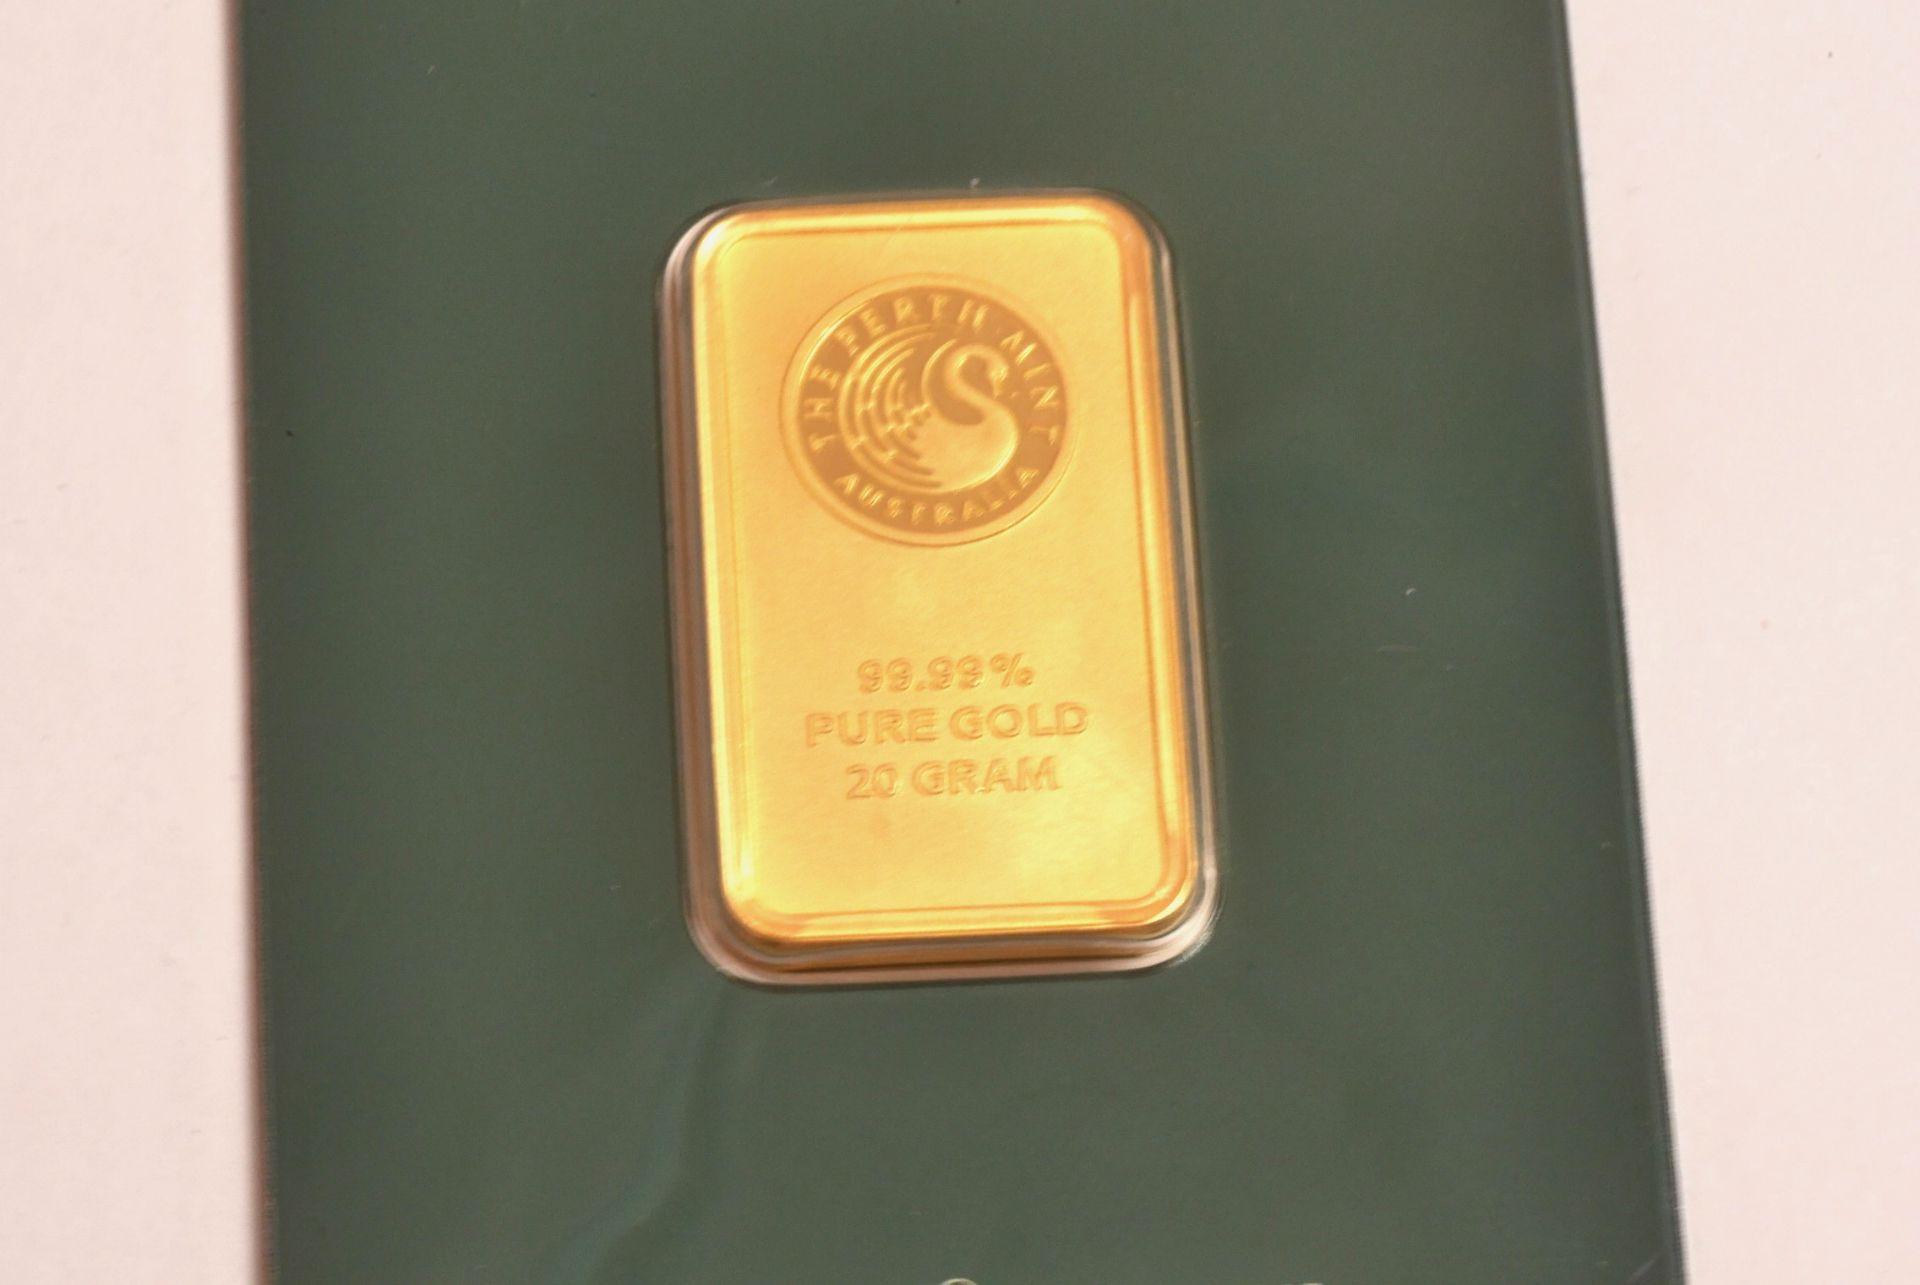 Goldbarren 20 Gramm - Bild 2 aus 4